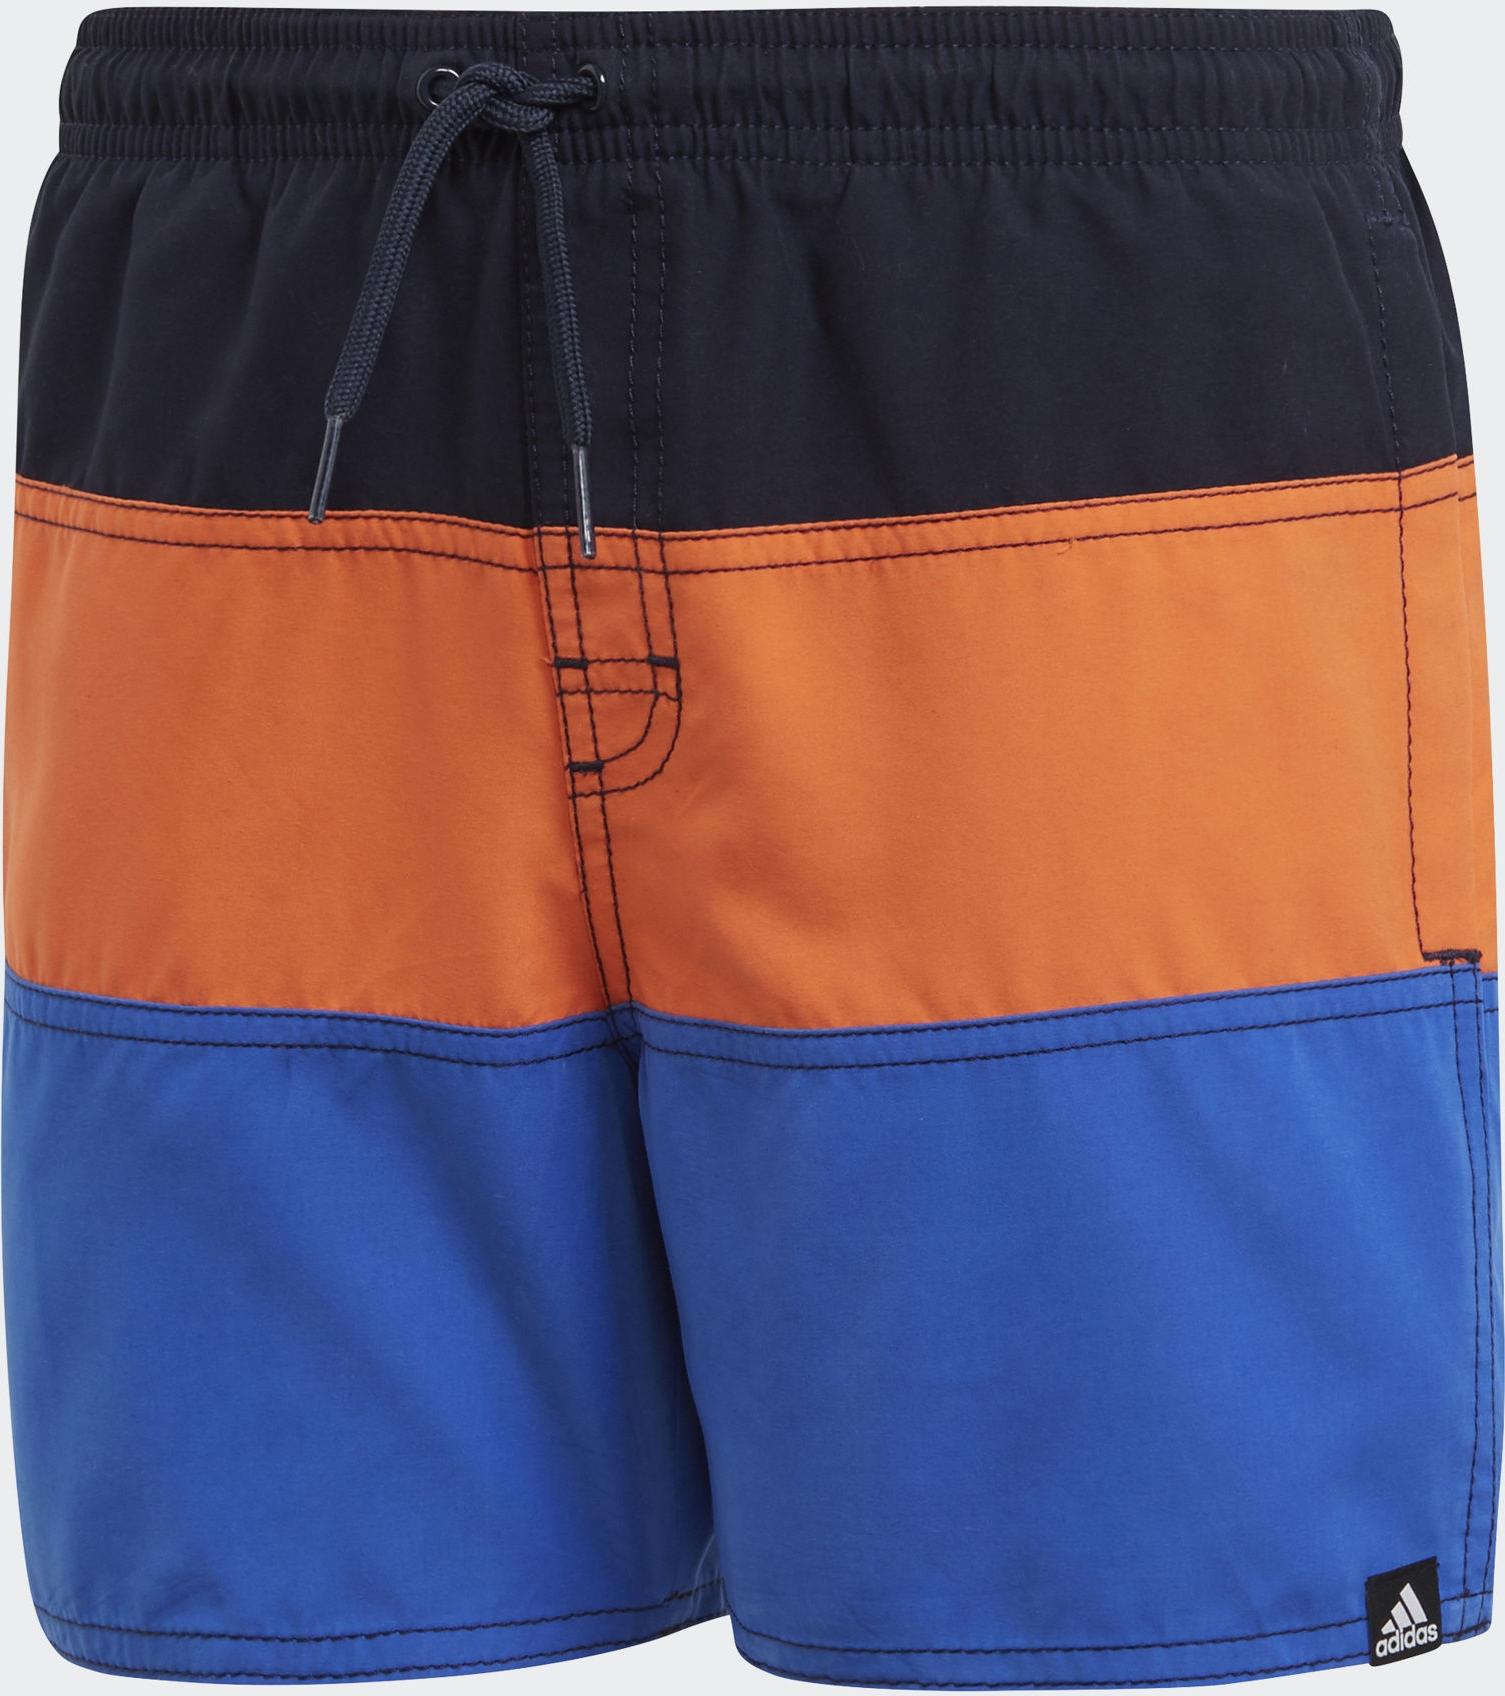 Купальные плавки adidas Yb Cb Sh Sl